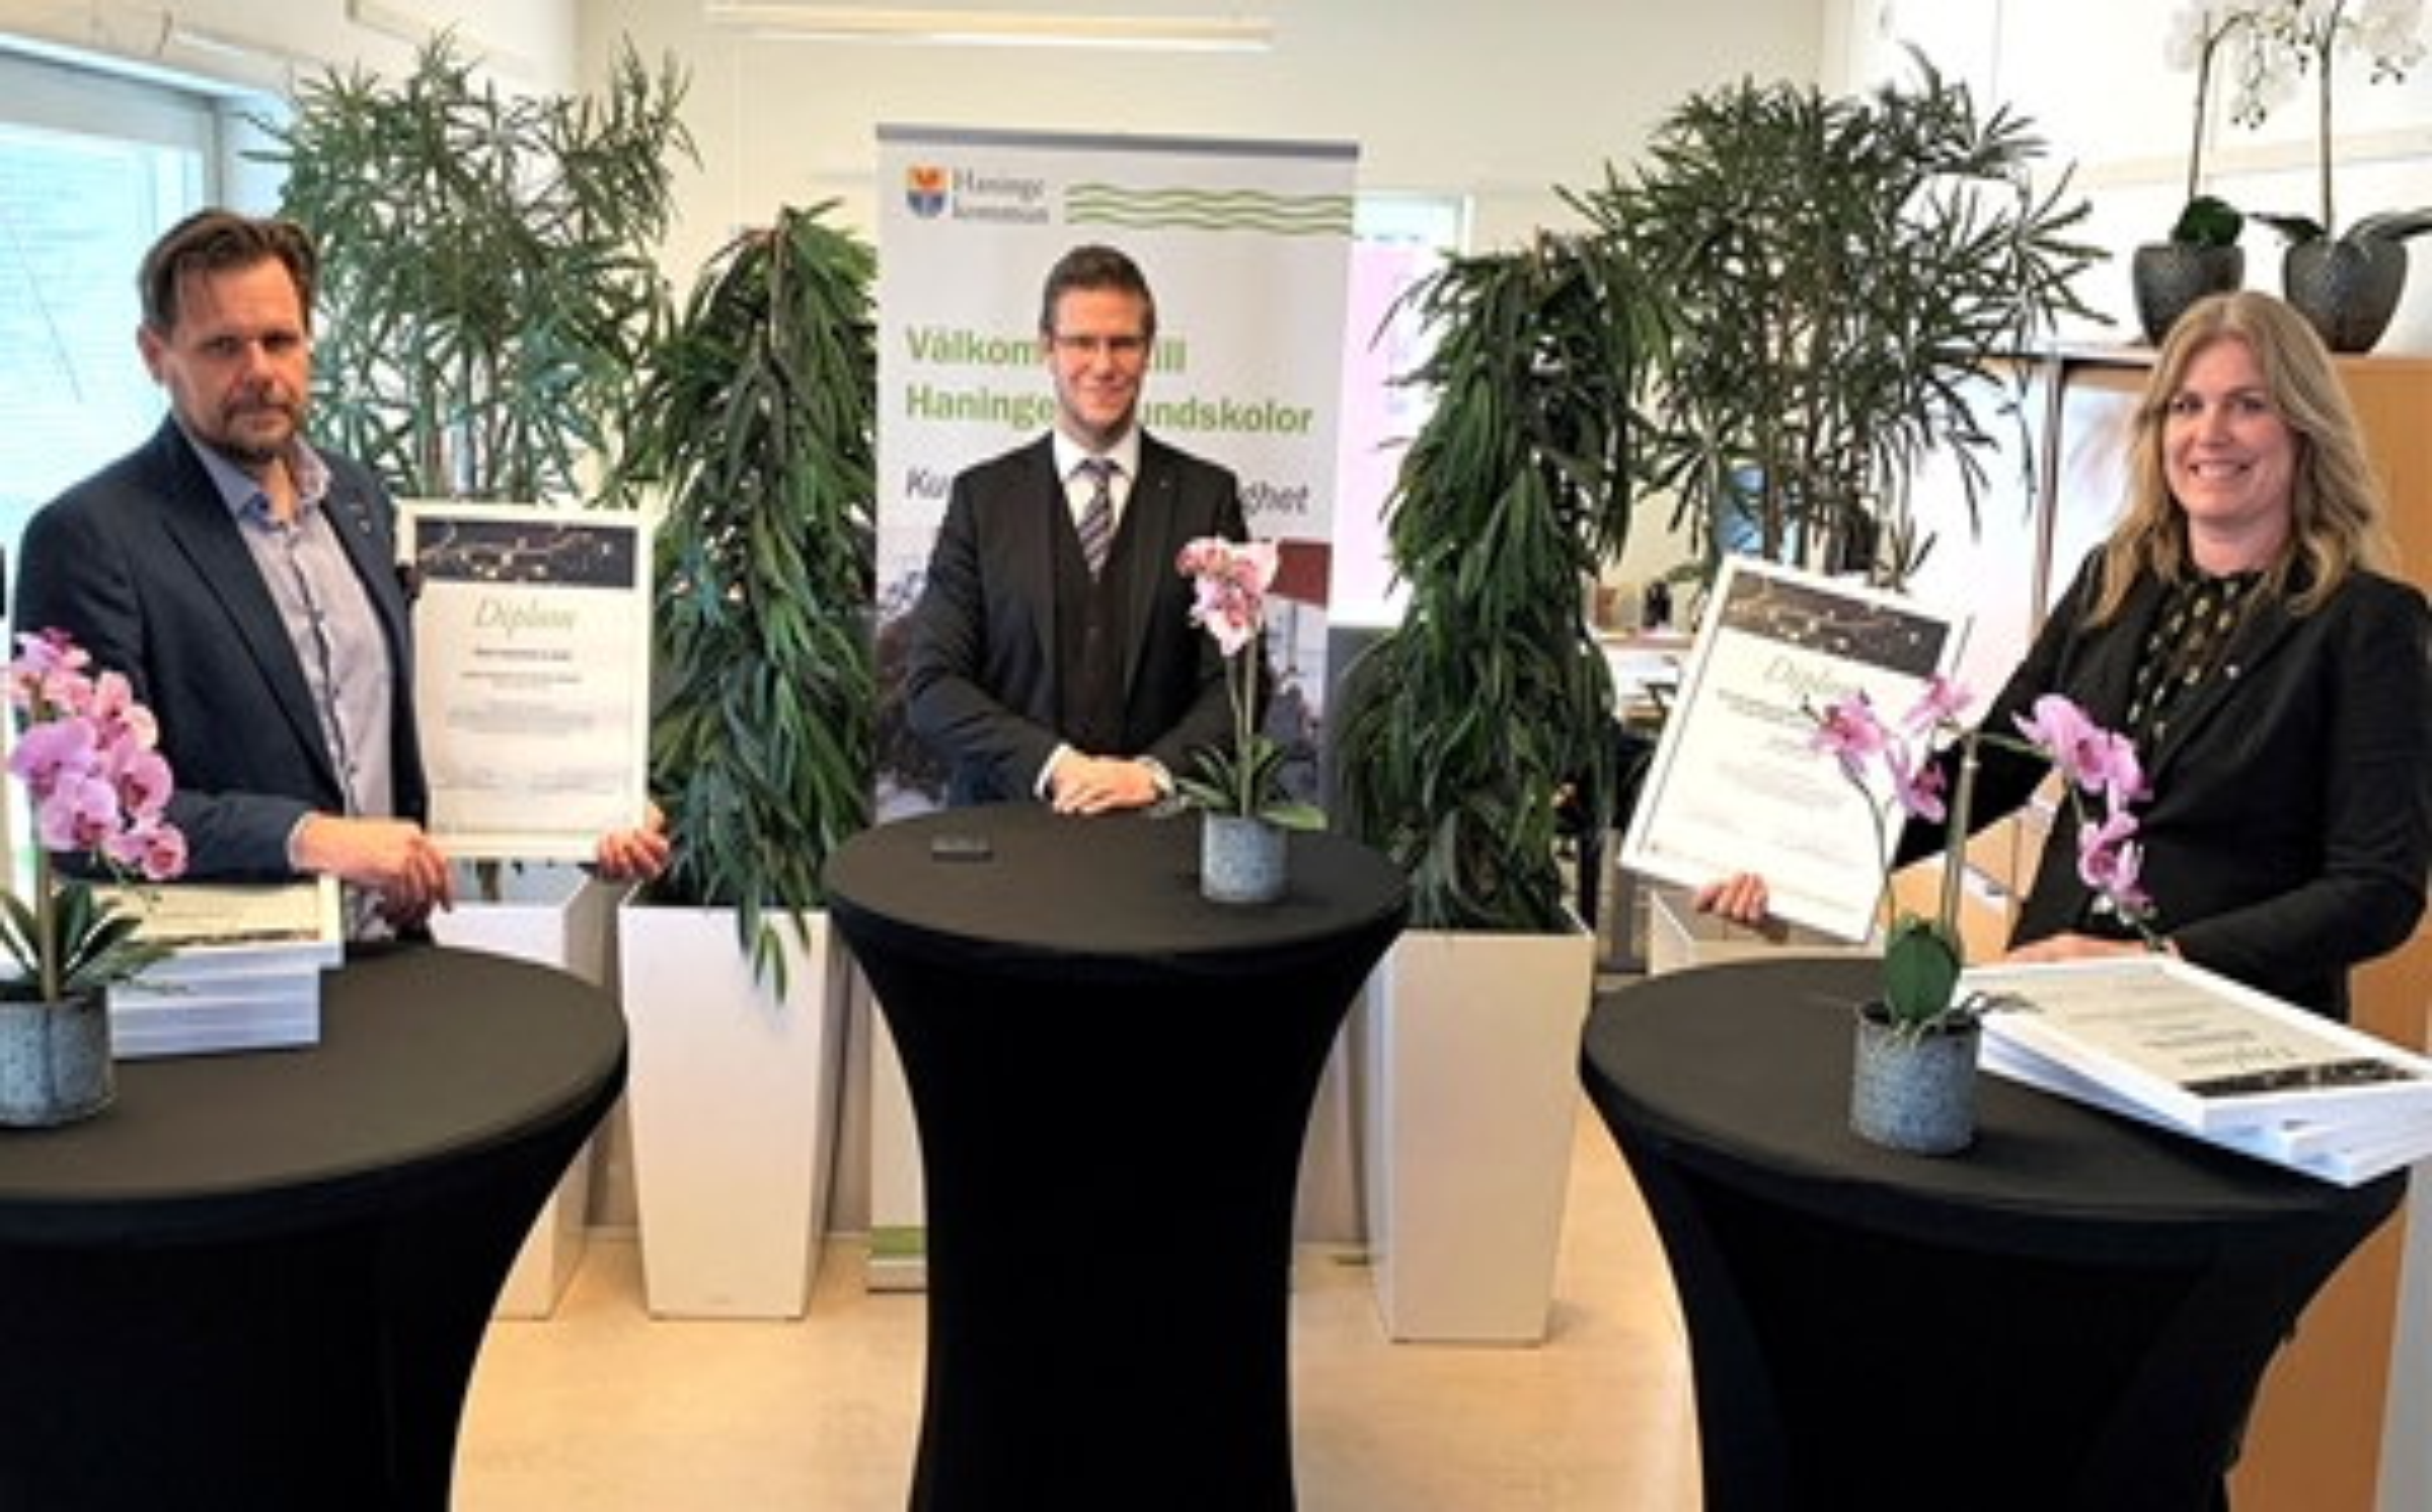 Fotografi med Grund- och förskolenämndens ordförande Tobias Hammarberg, utbildningsdirektör Henrik Lindh och Gymnasie- och vuxenutbildningsnämndens ordförande Maria Fägersten.